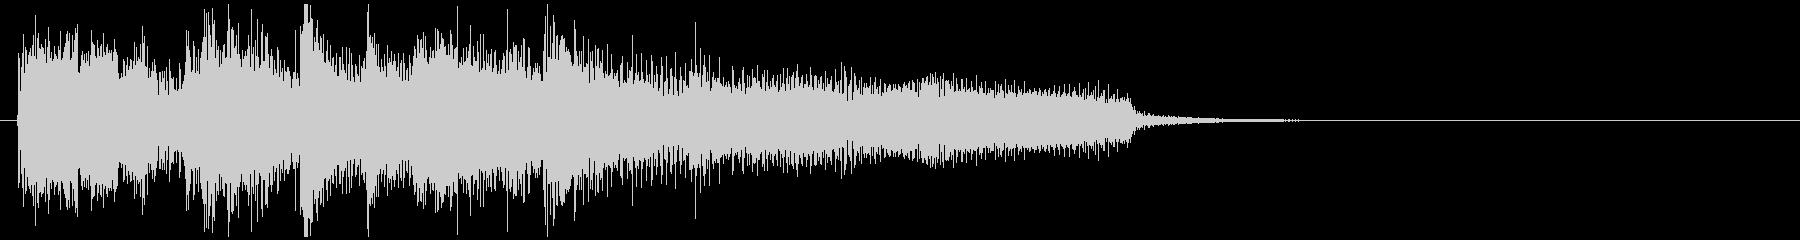 結果発表系のハードバップジャズジングルの未再生の波形